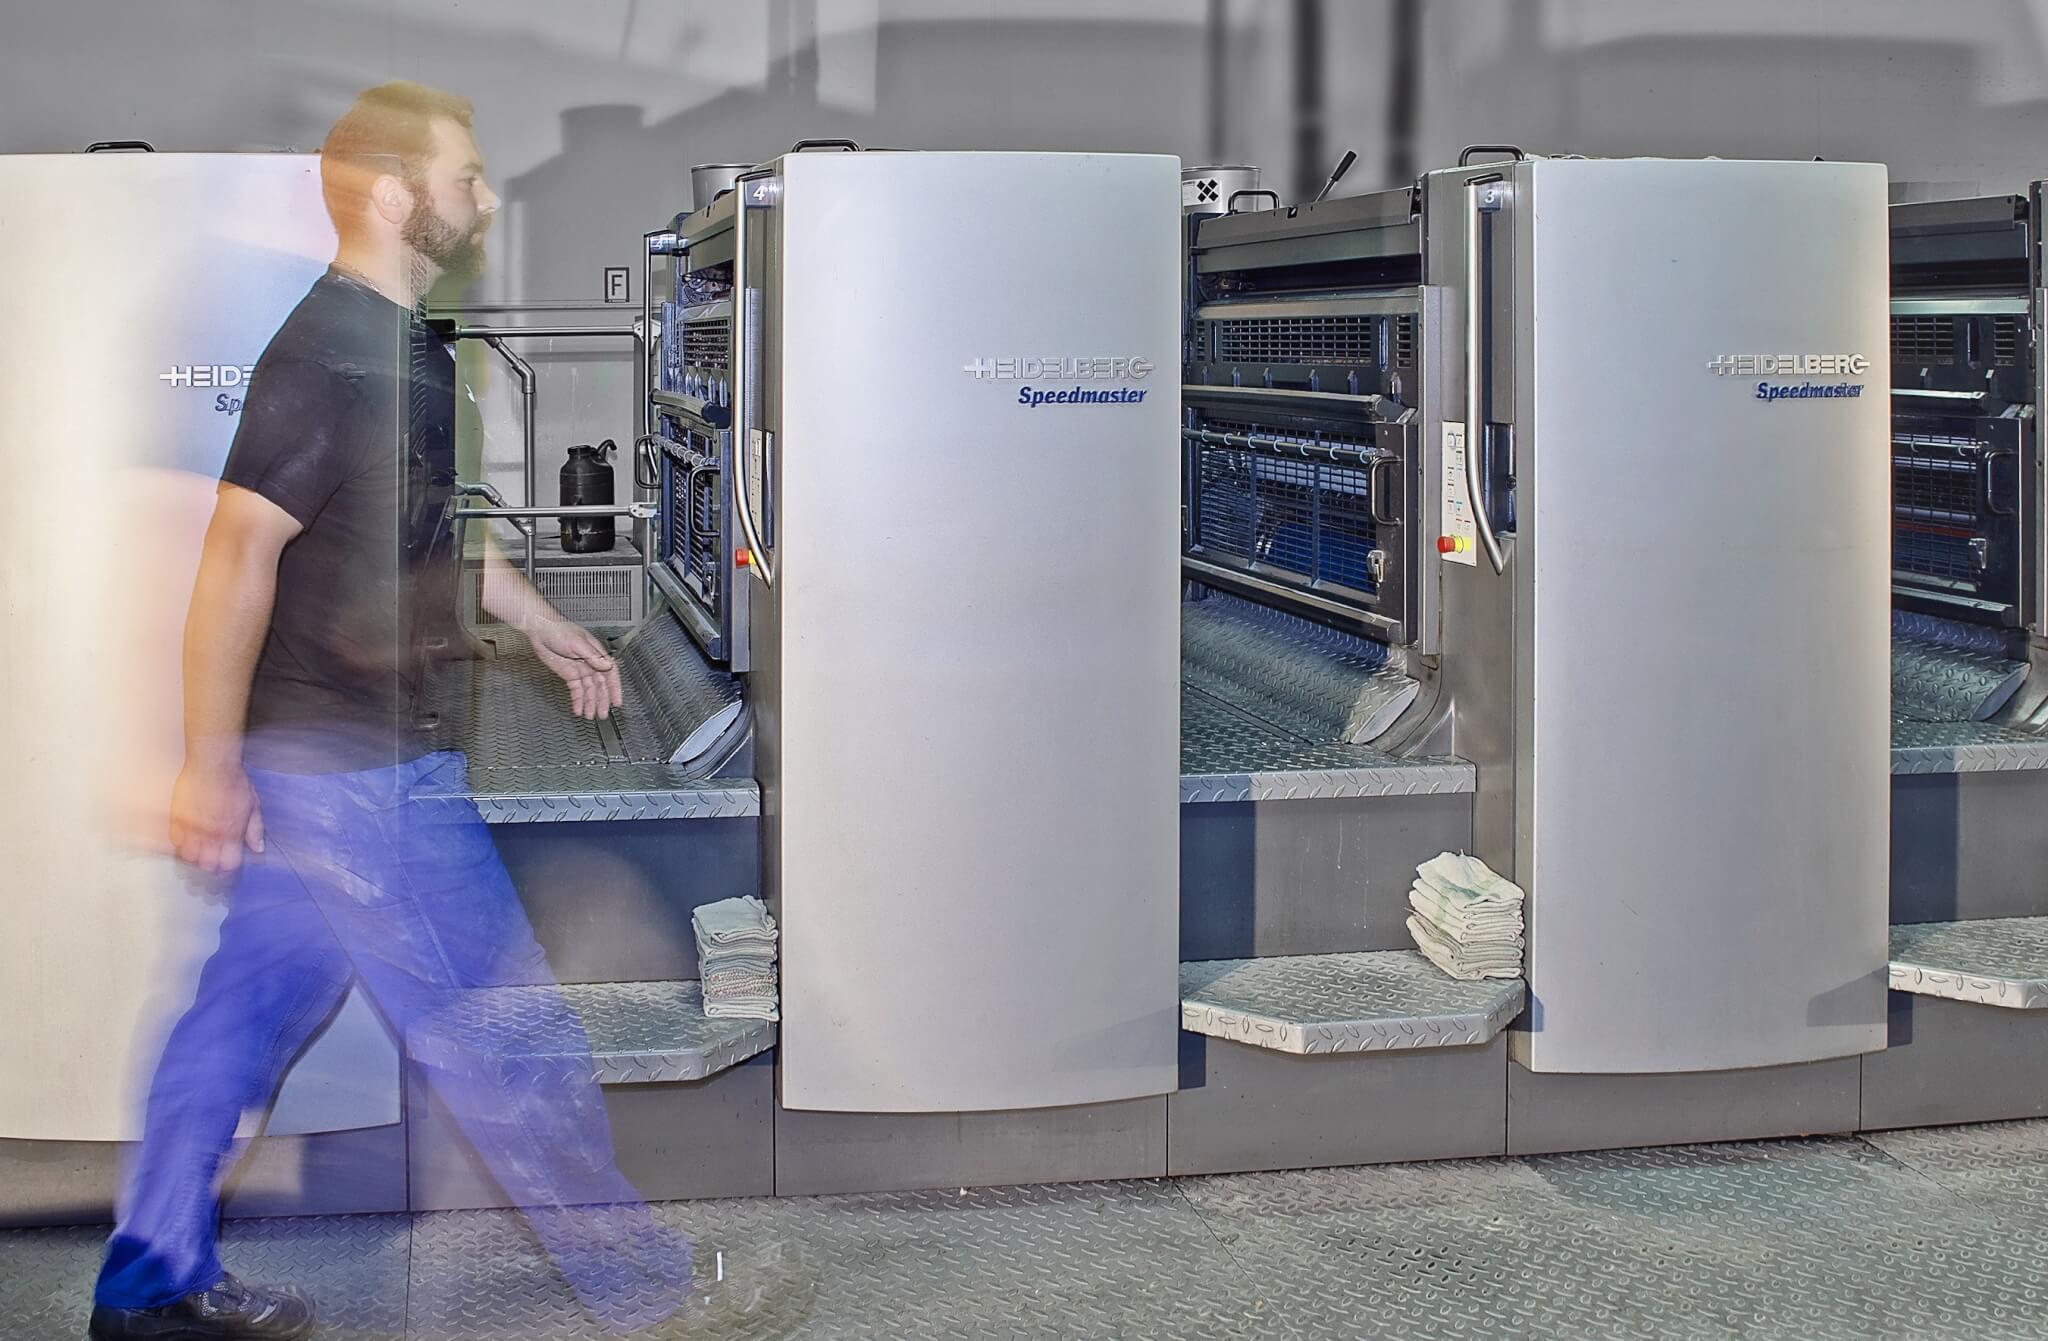 5-Farben Speedmaster CD 102 5 + Lack von Heidelberg, Druckmaschine für Akzidenzdruck Verpackungsdruck und Etikettendruck